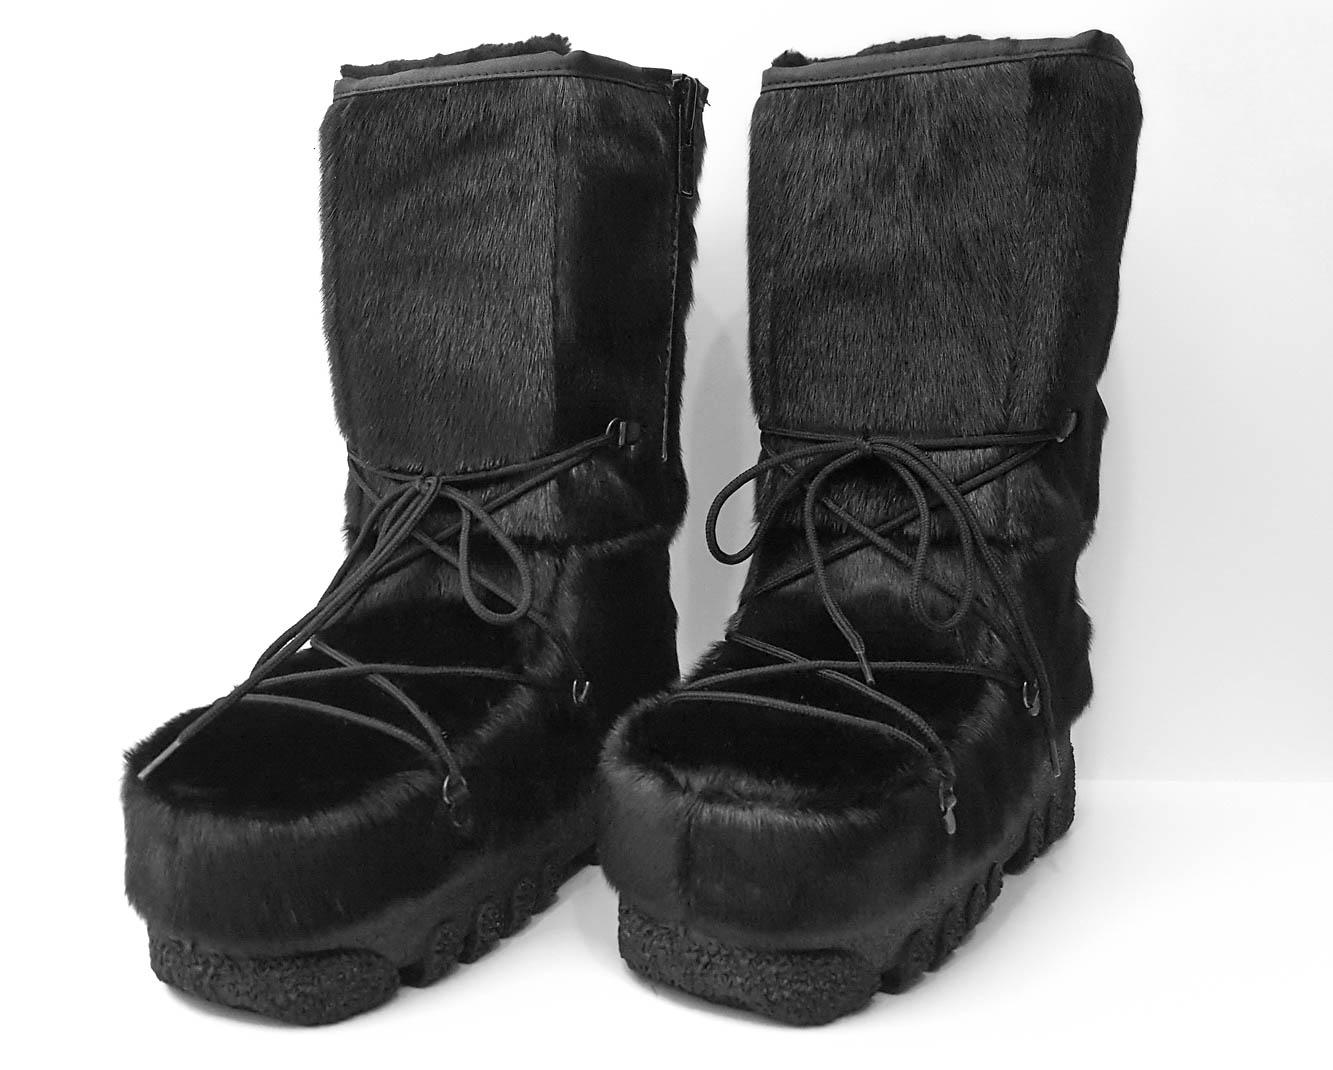 bottes d'hiver - bottes loup marin (femme) | centre de liquidation